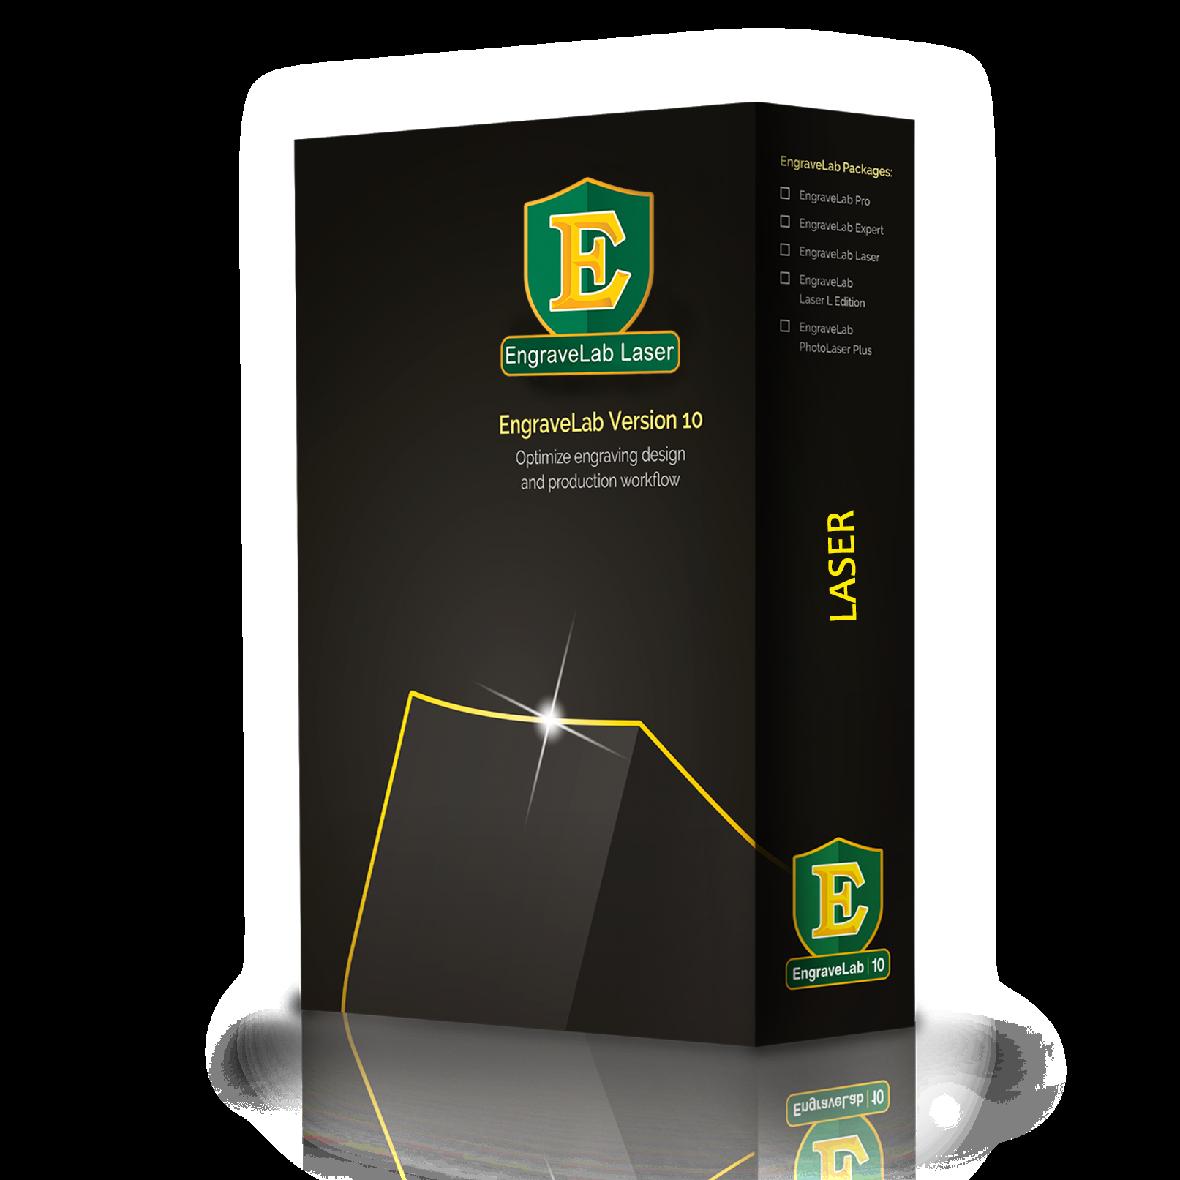 好用的激光套料软件下载试用_进销存软件相关-济南派科信息技术有限公司